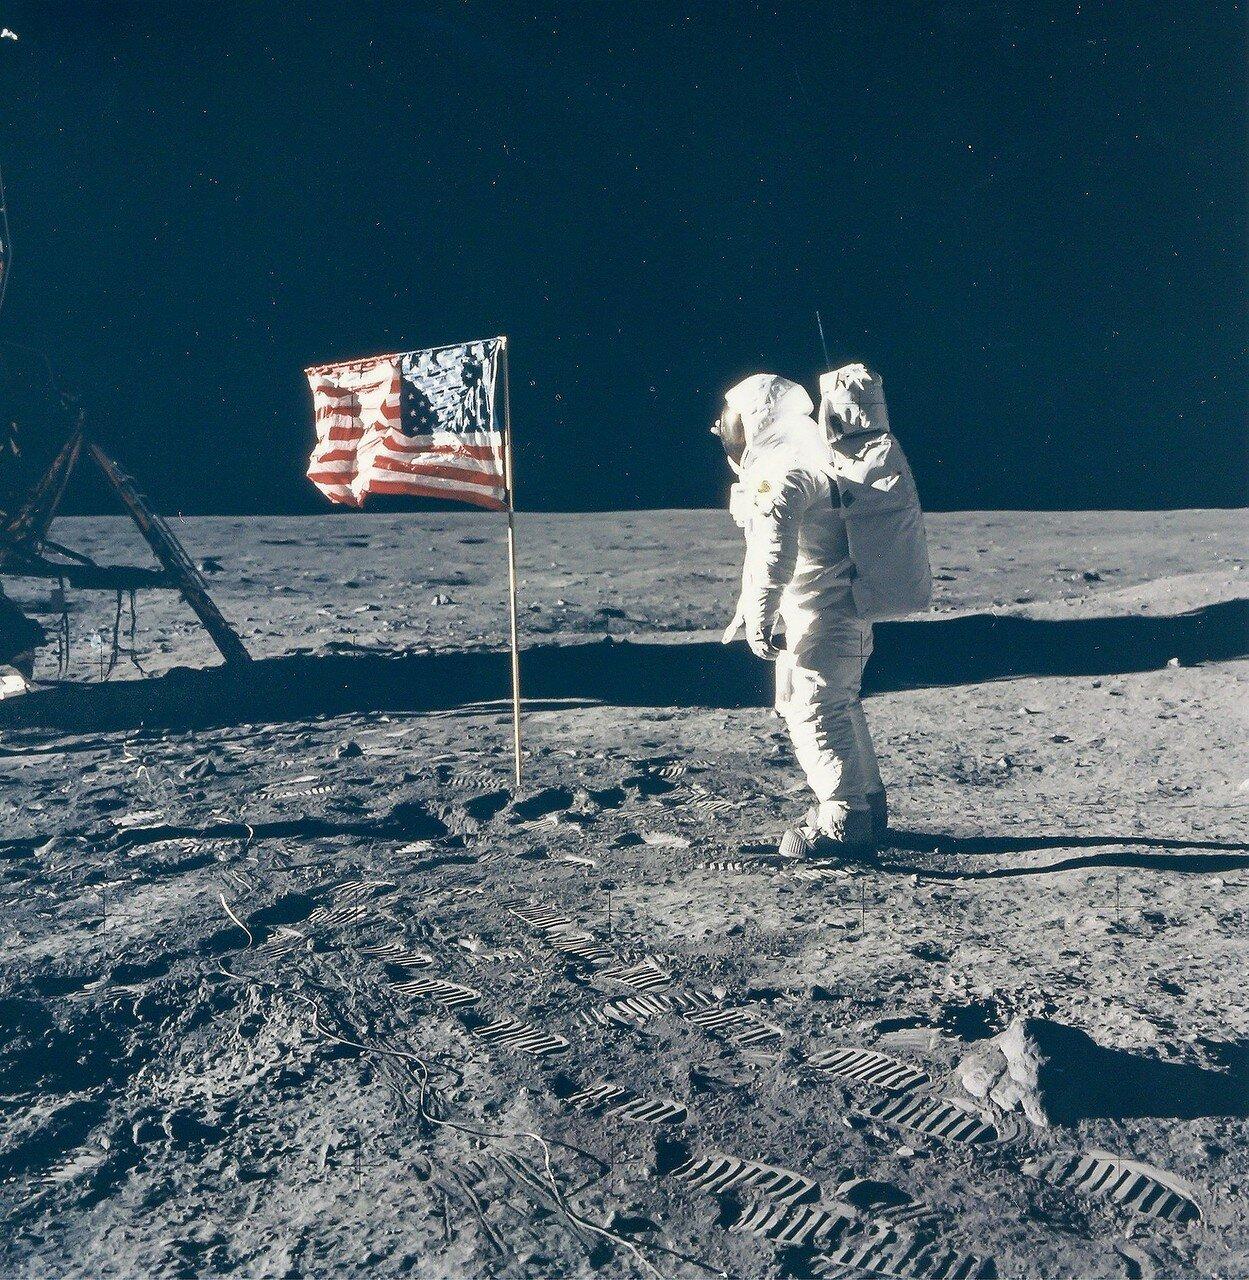 Армстронгу удалось руками углубить его на 15—20 см, дальше грунт становился очень твёрдым. На снимке: Базз Олдрин позирует фотографу рядом с флагом США